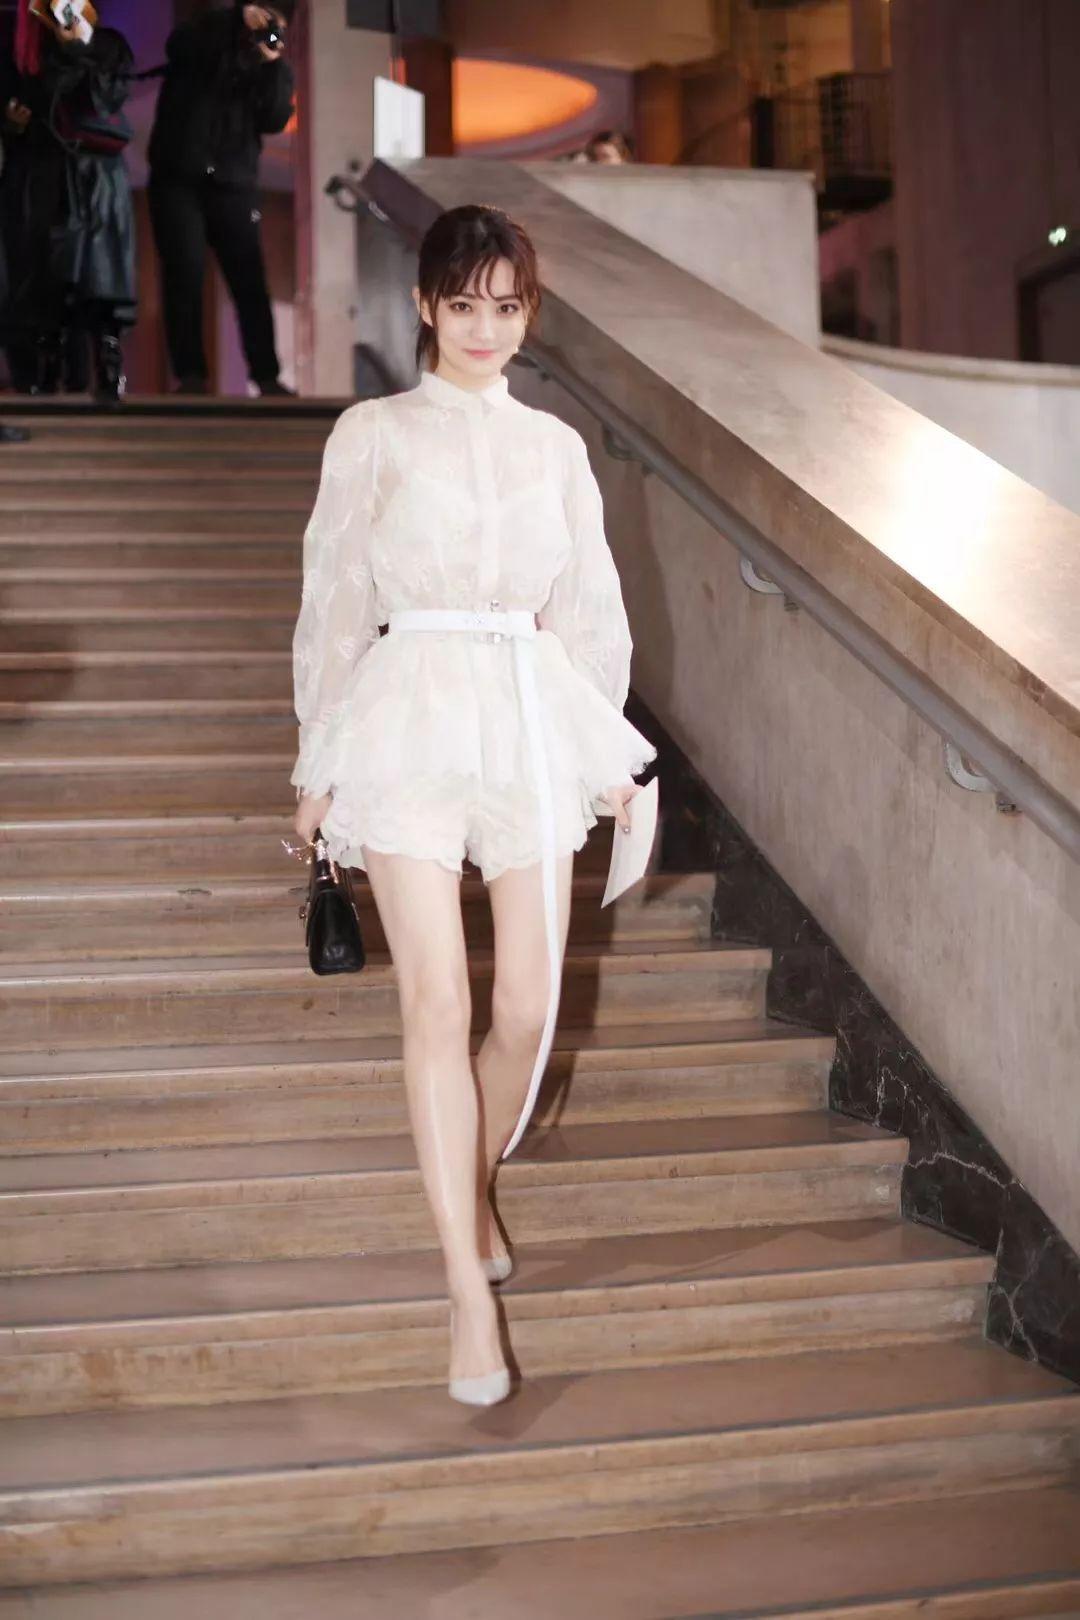 深度 | 如果不看宋茜王源,巴黎时装的含金量在哪里?